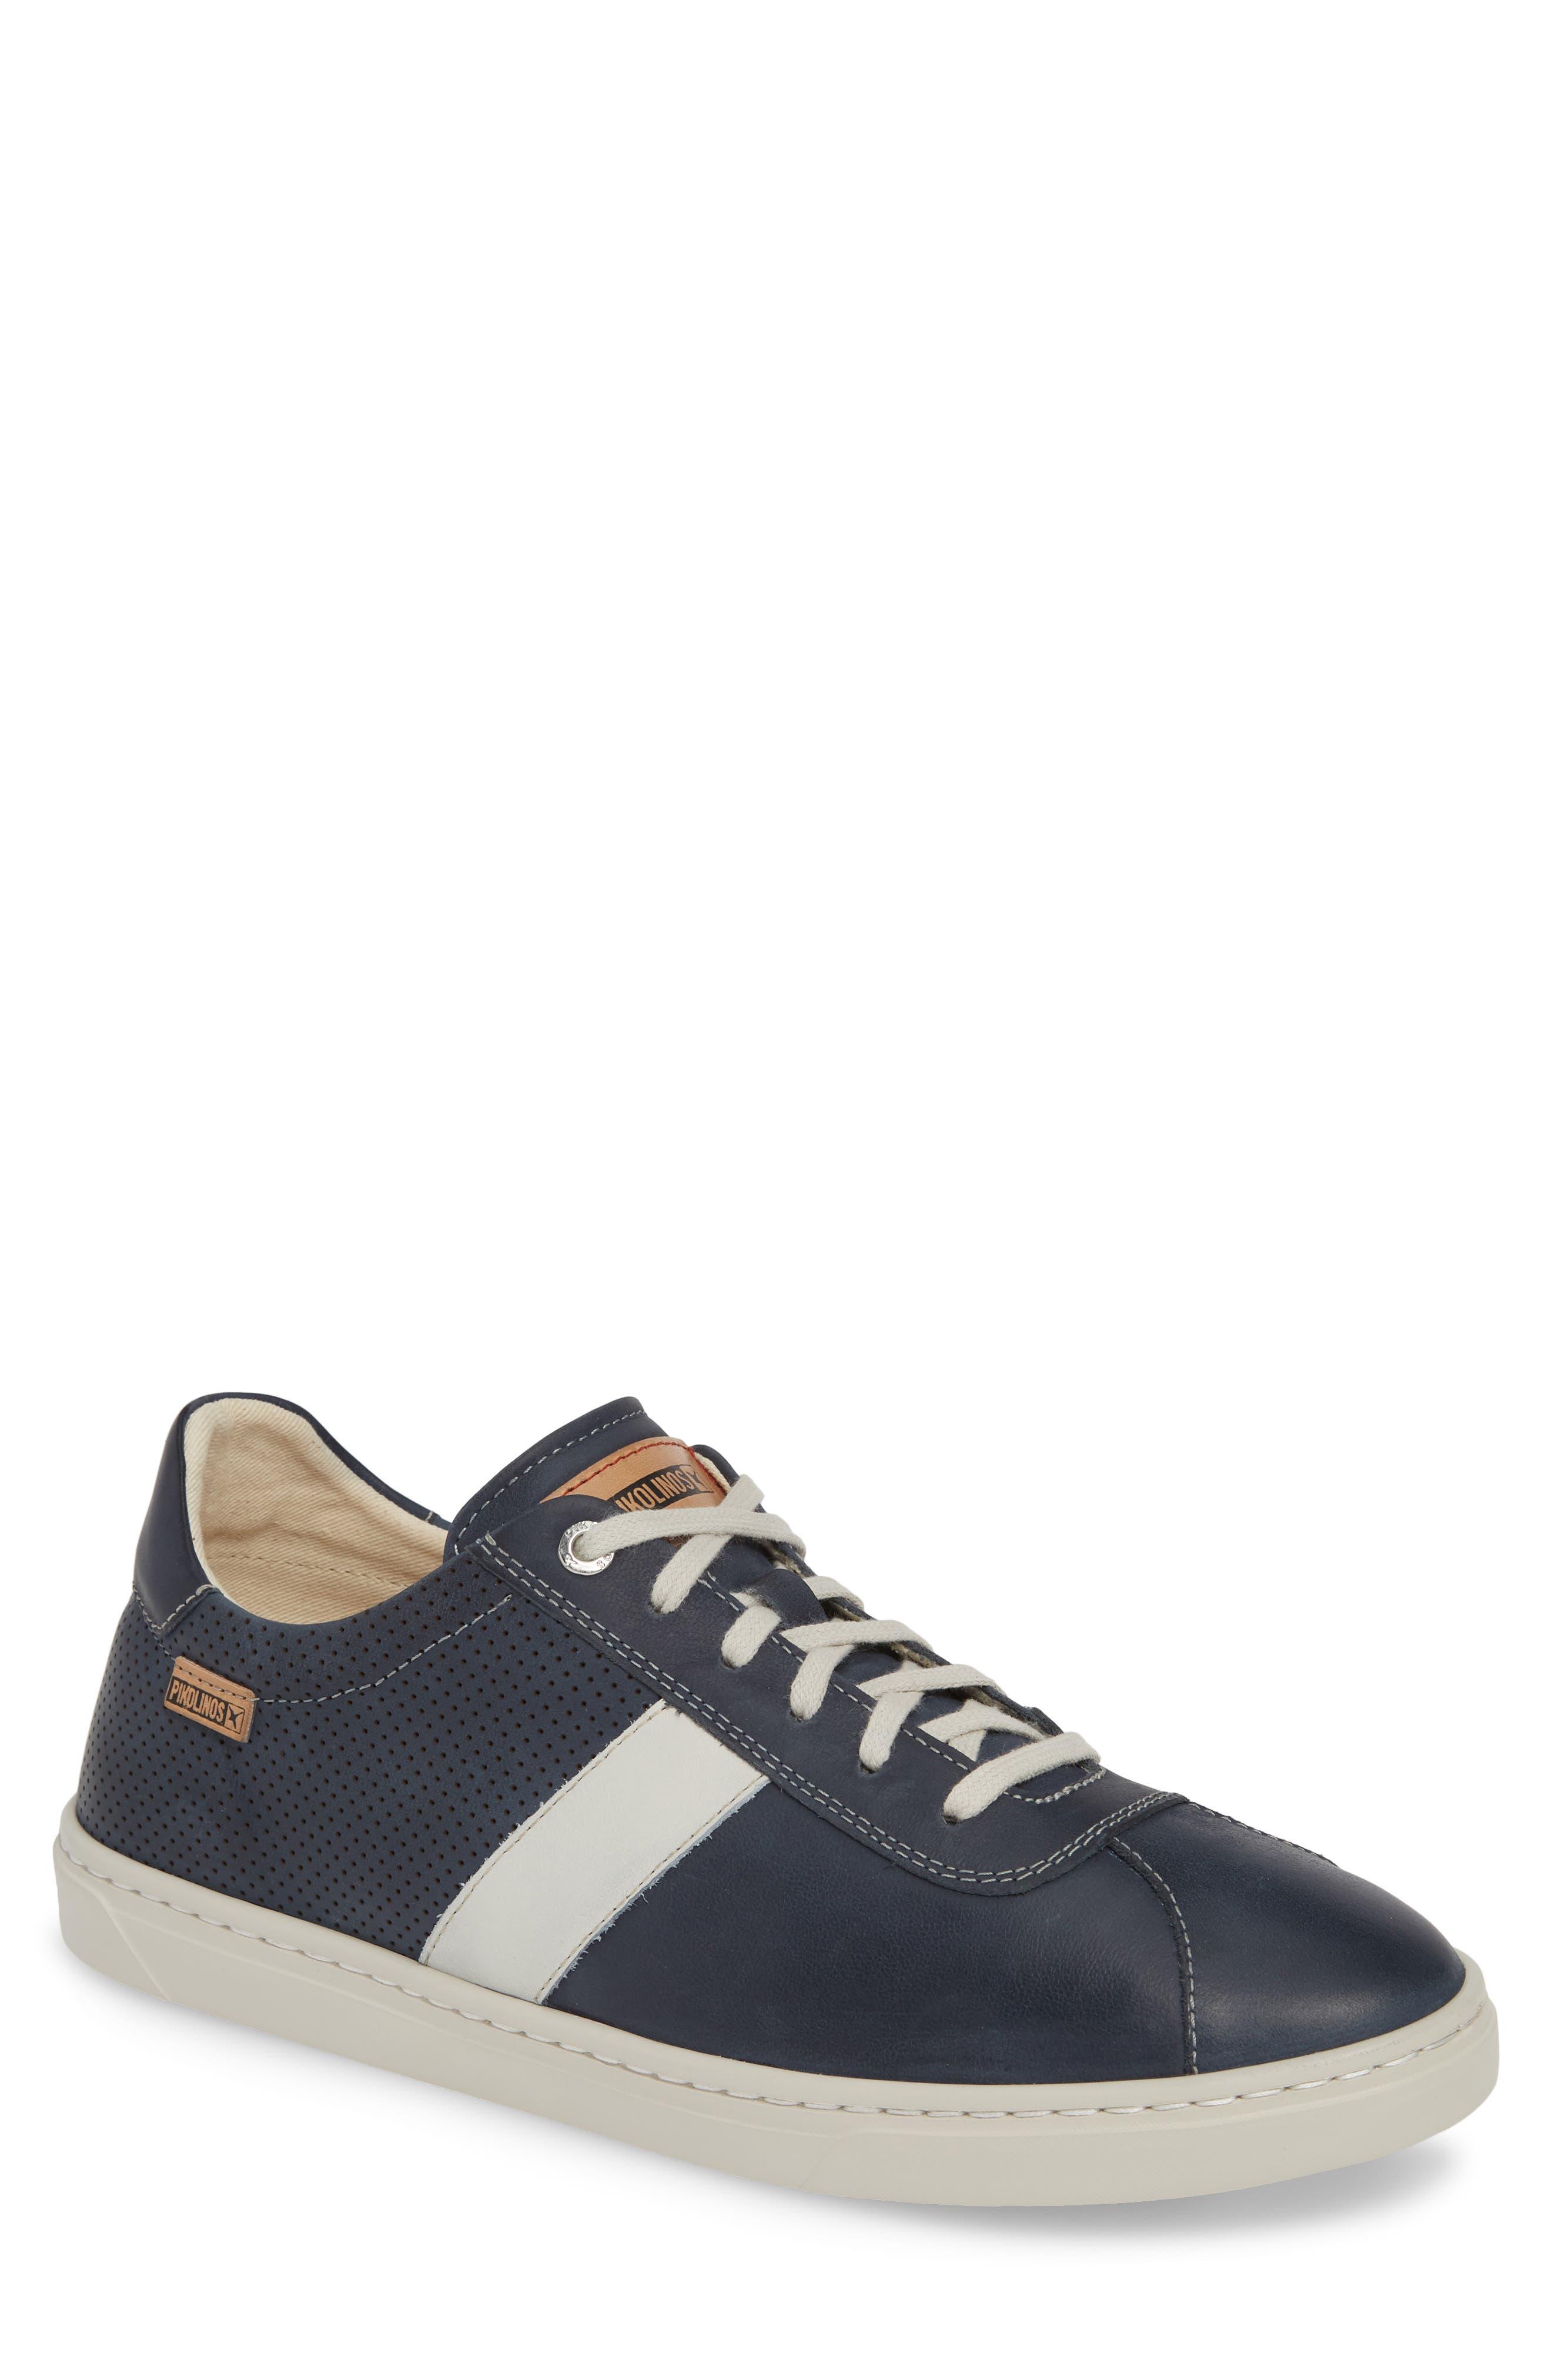 PIKOLINOS Belfort Perforated Sneaker, Main, color, BLUE